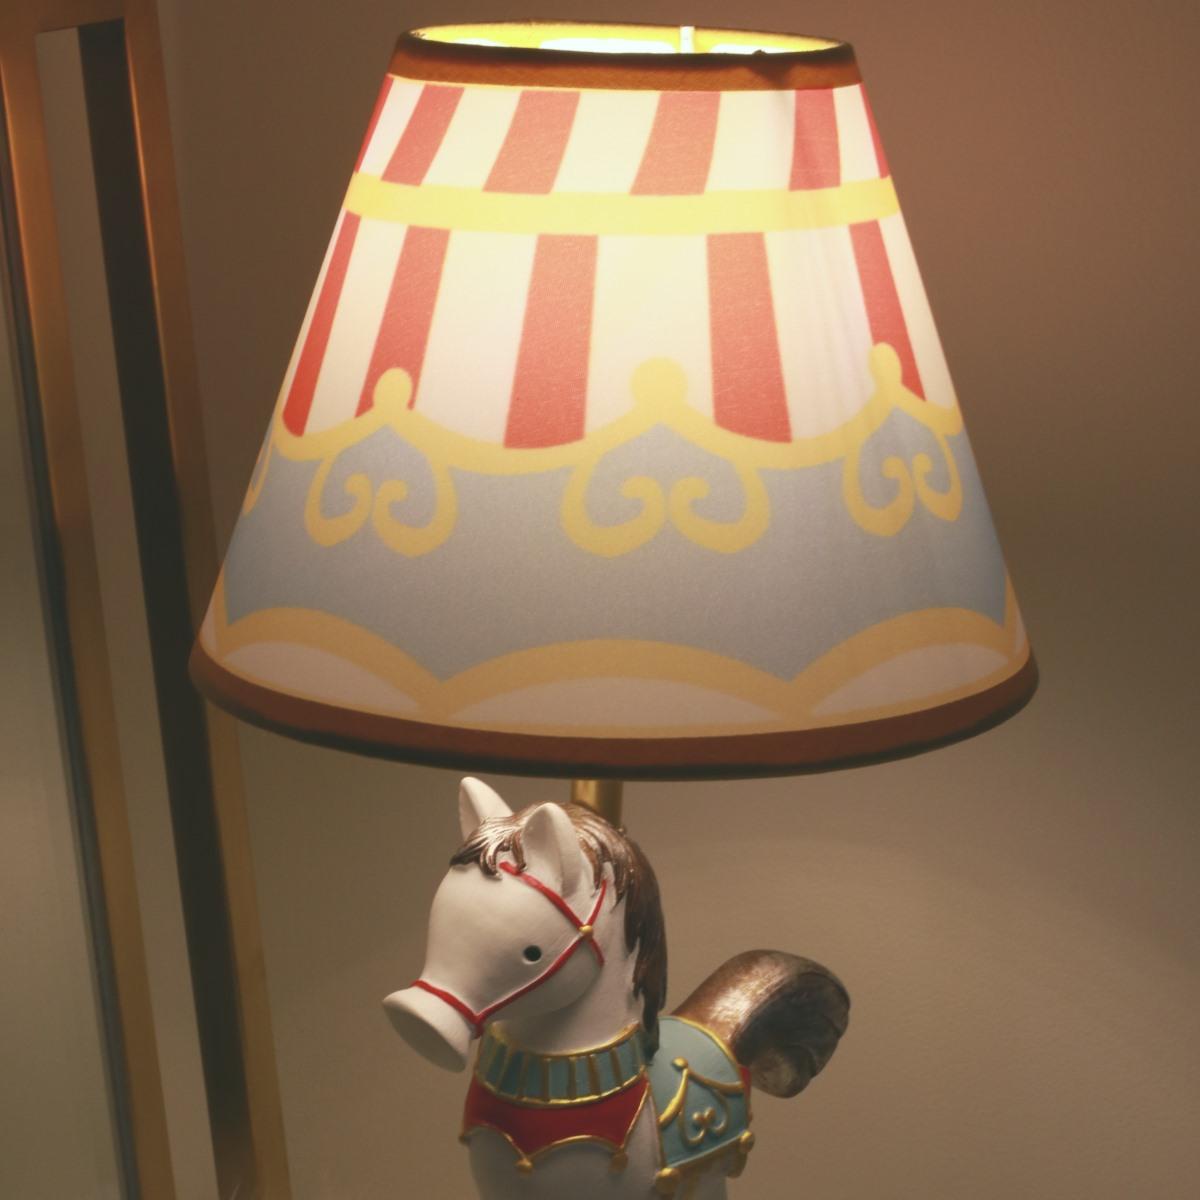 Đèn ngủ trang trí hình con ngựa